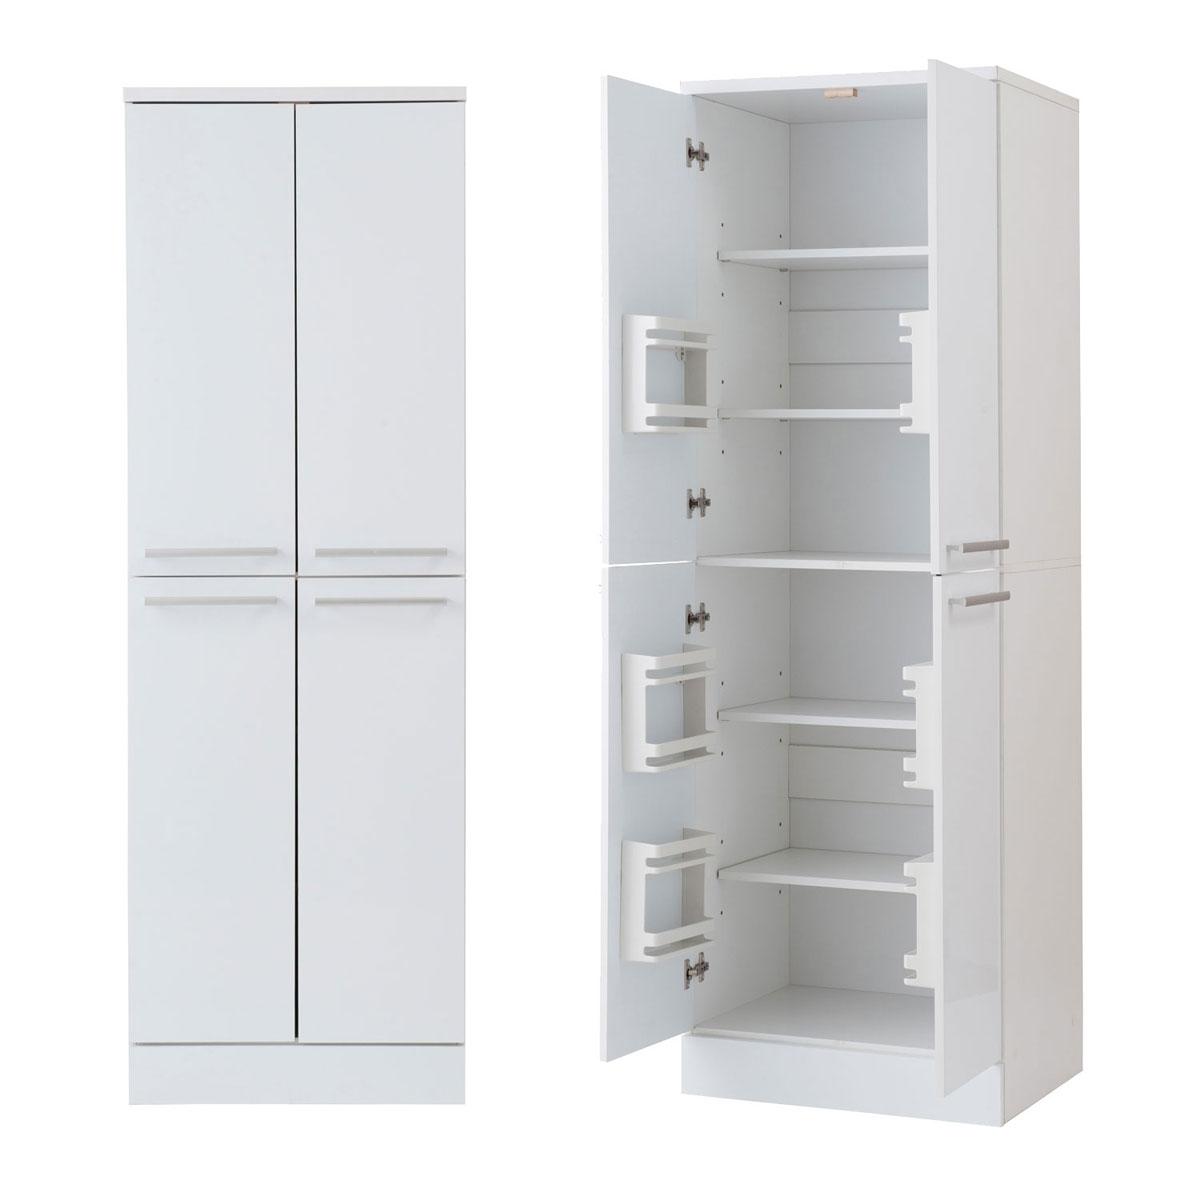 キッチンシリーズ Face 大容量 キッチンストッカー 幅60 ホワイト FY-0041【代引きのみ】